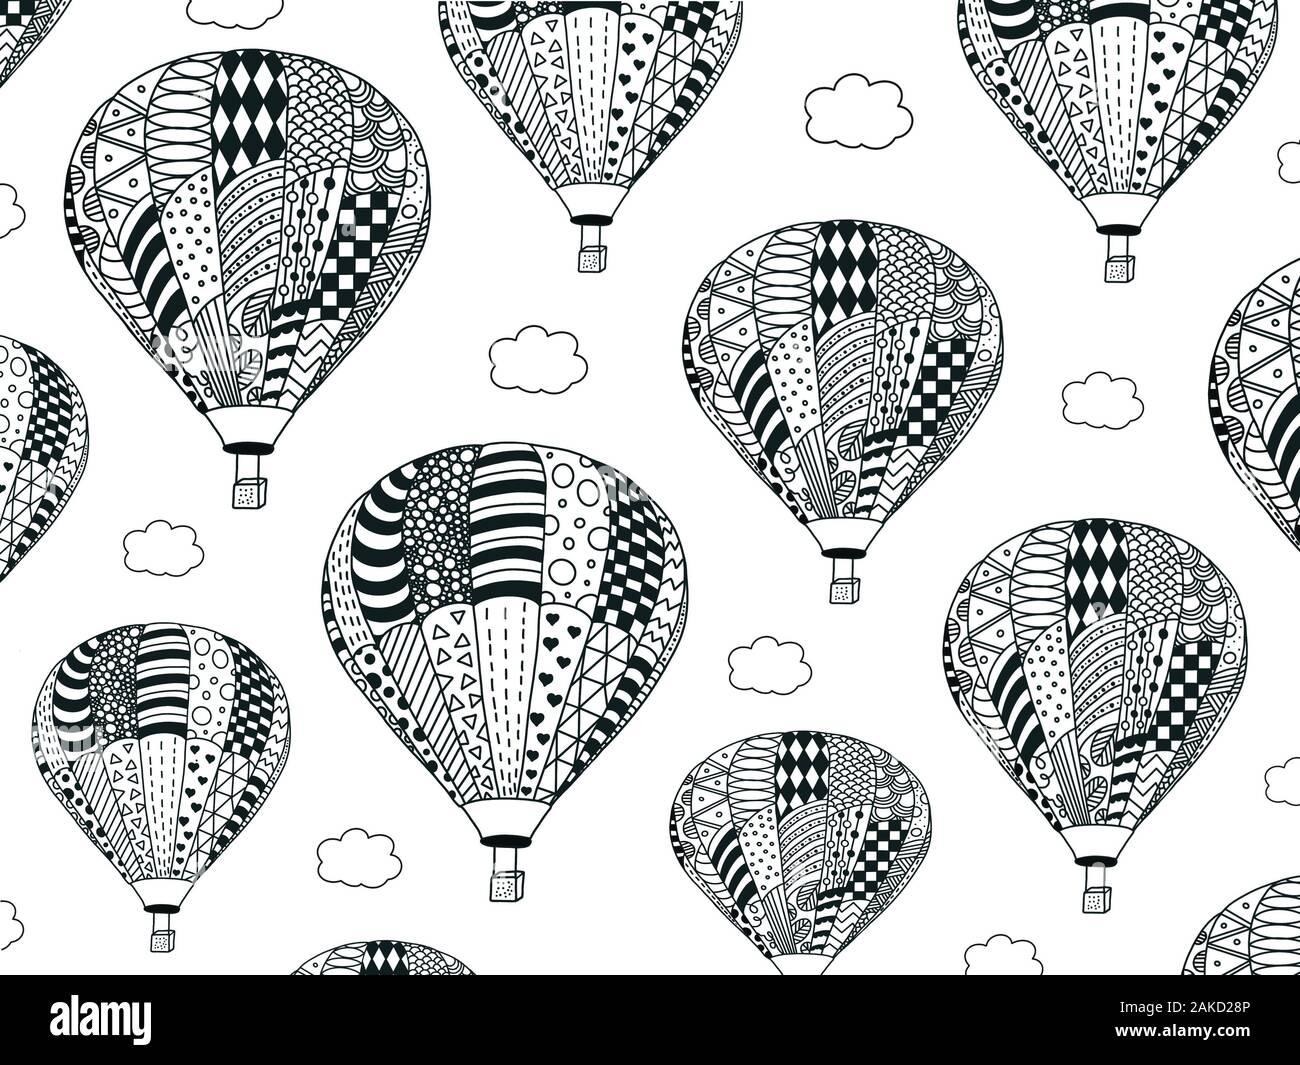 Coloriages De Nombreux Ballons Avec Les Nuages Magique Zentangle Antistress Coloriage Pour Enfants Et Adultes Application Dans Les Documents Imprimes Photo Stock Alamy